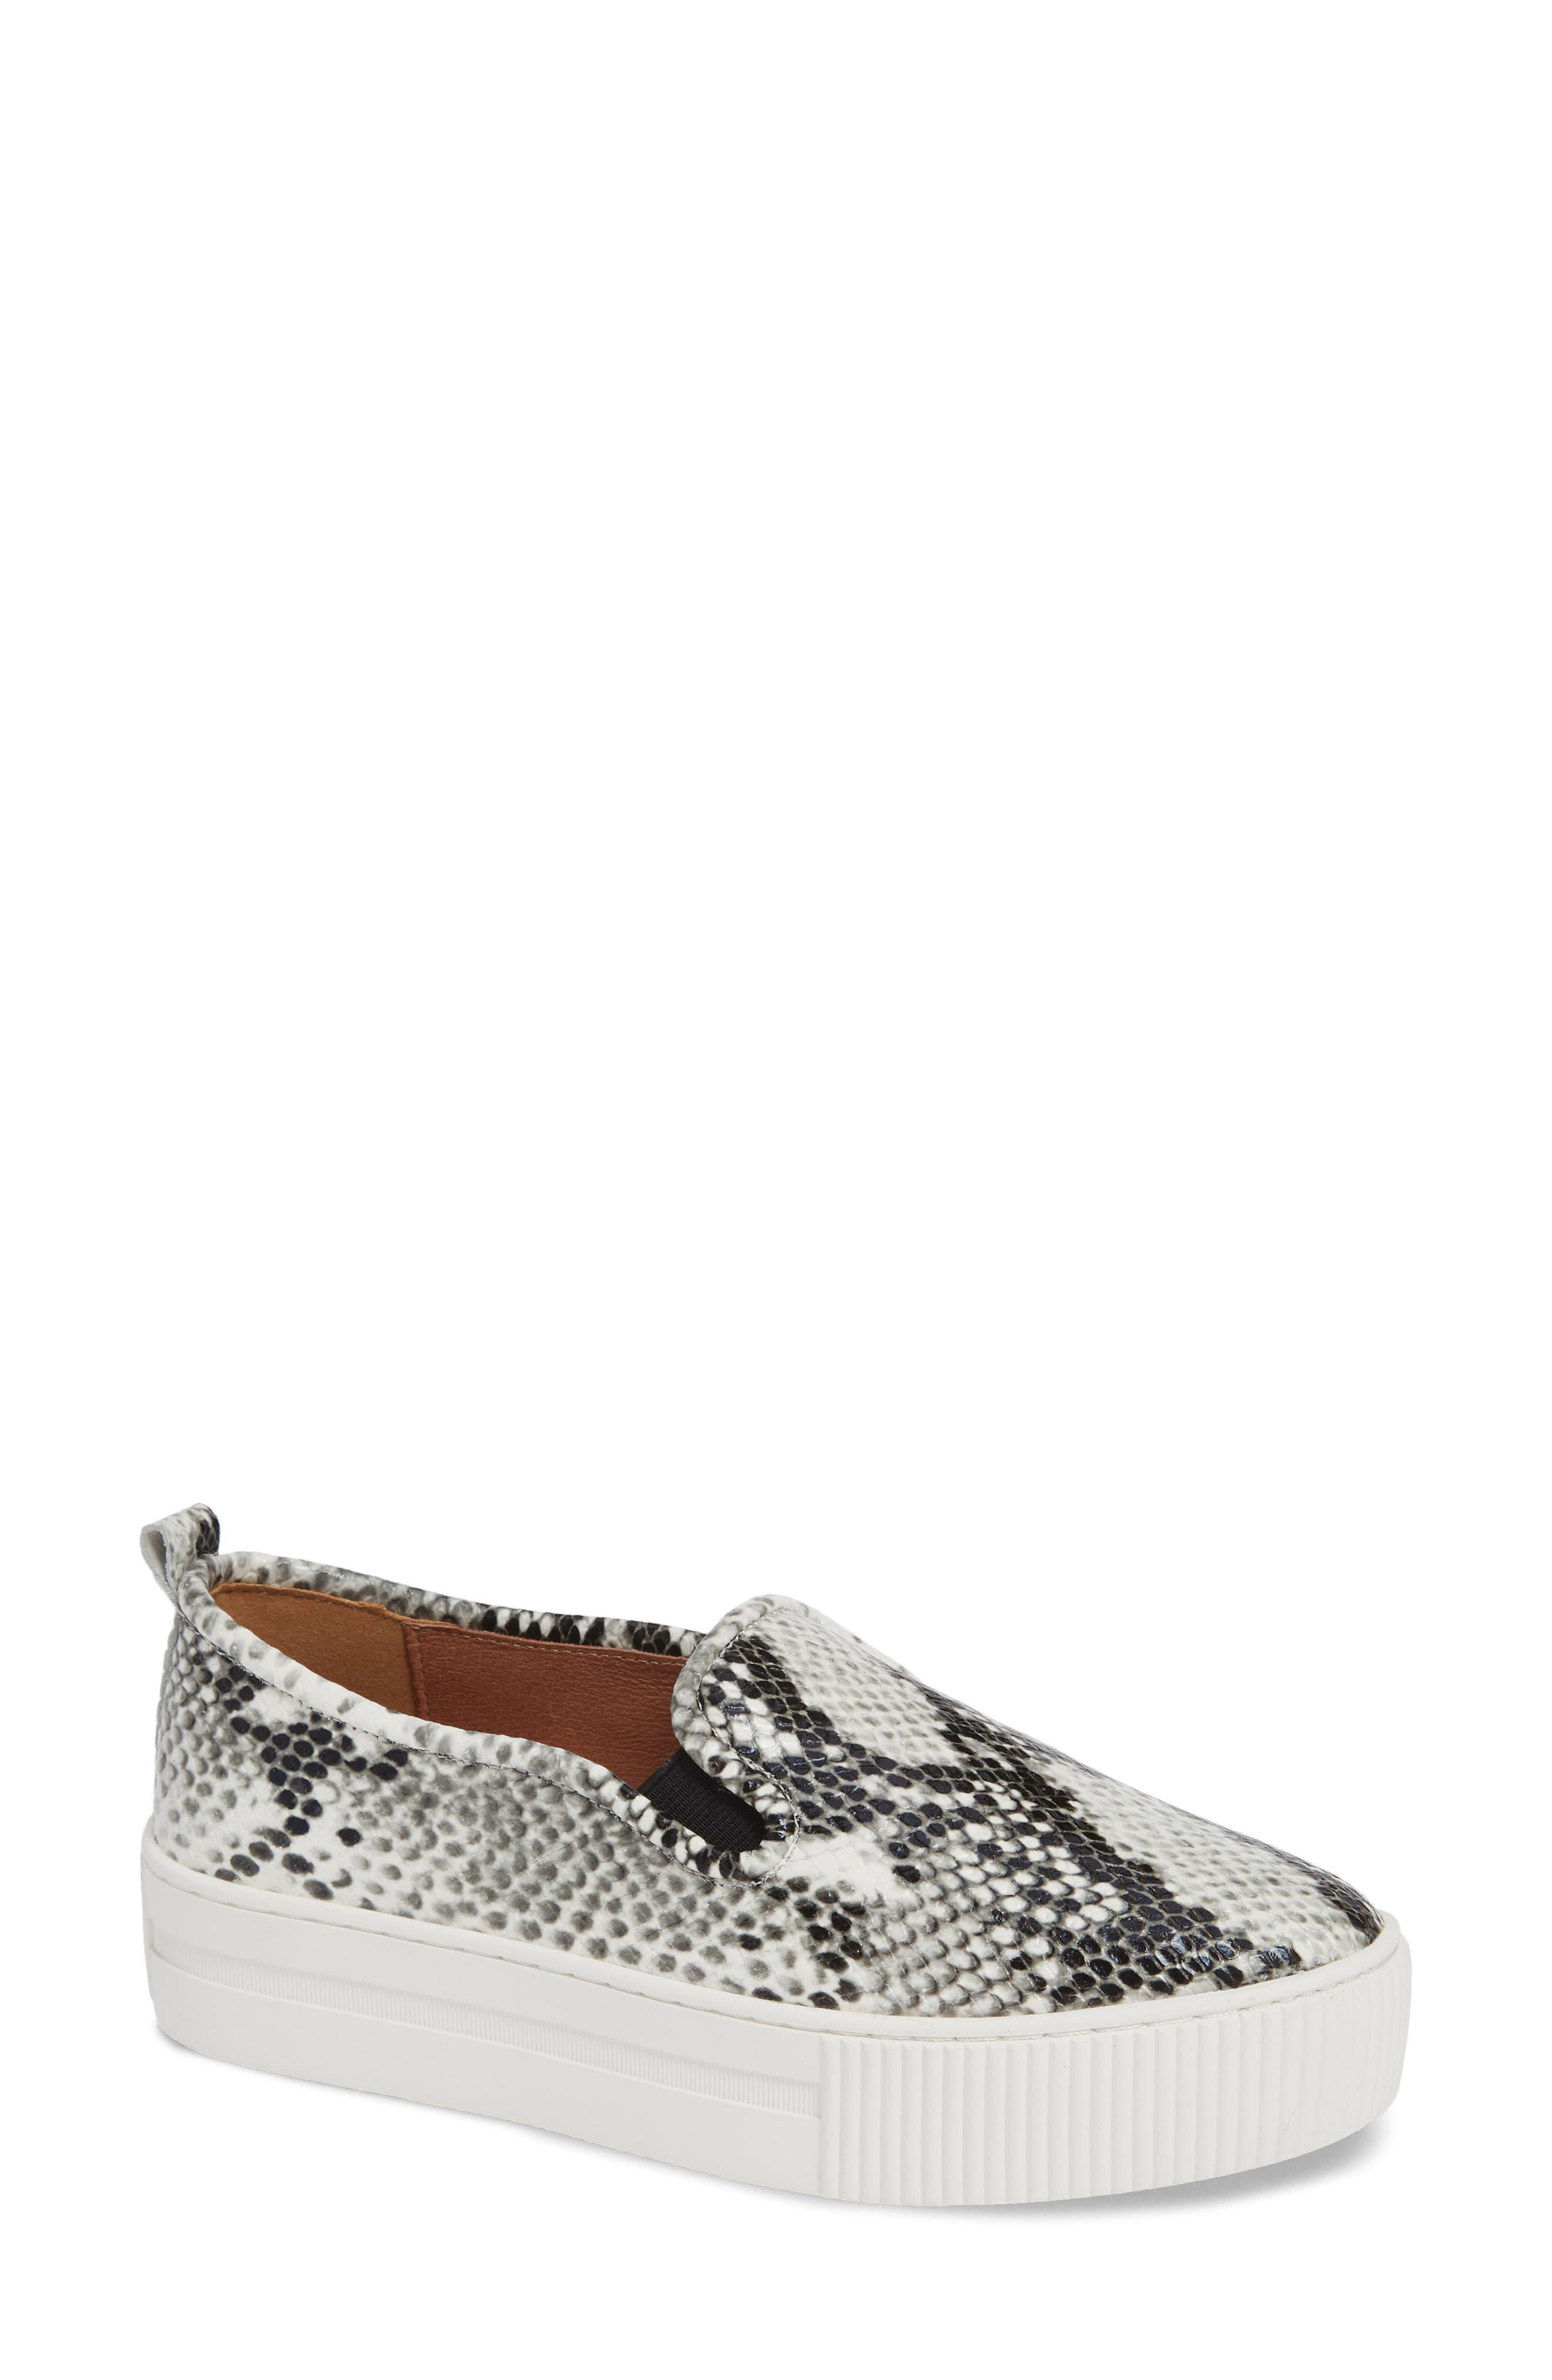 Baylee Platform Slip-On Sneaker, Main, color, PYTHON PRINTED LEATHER